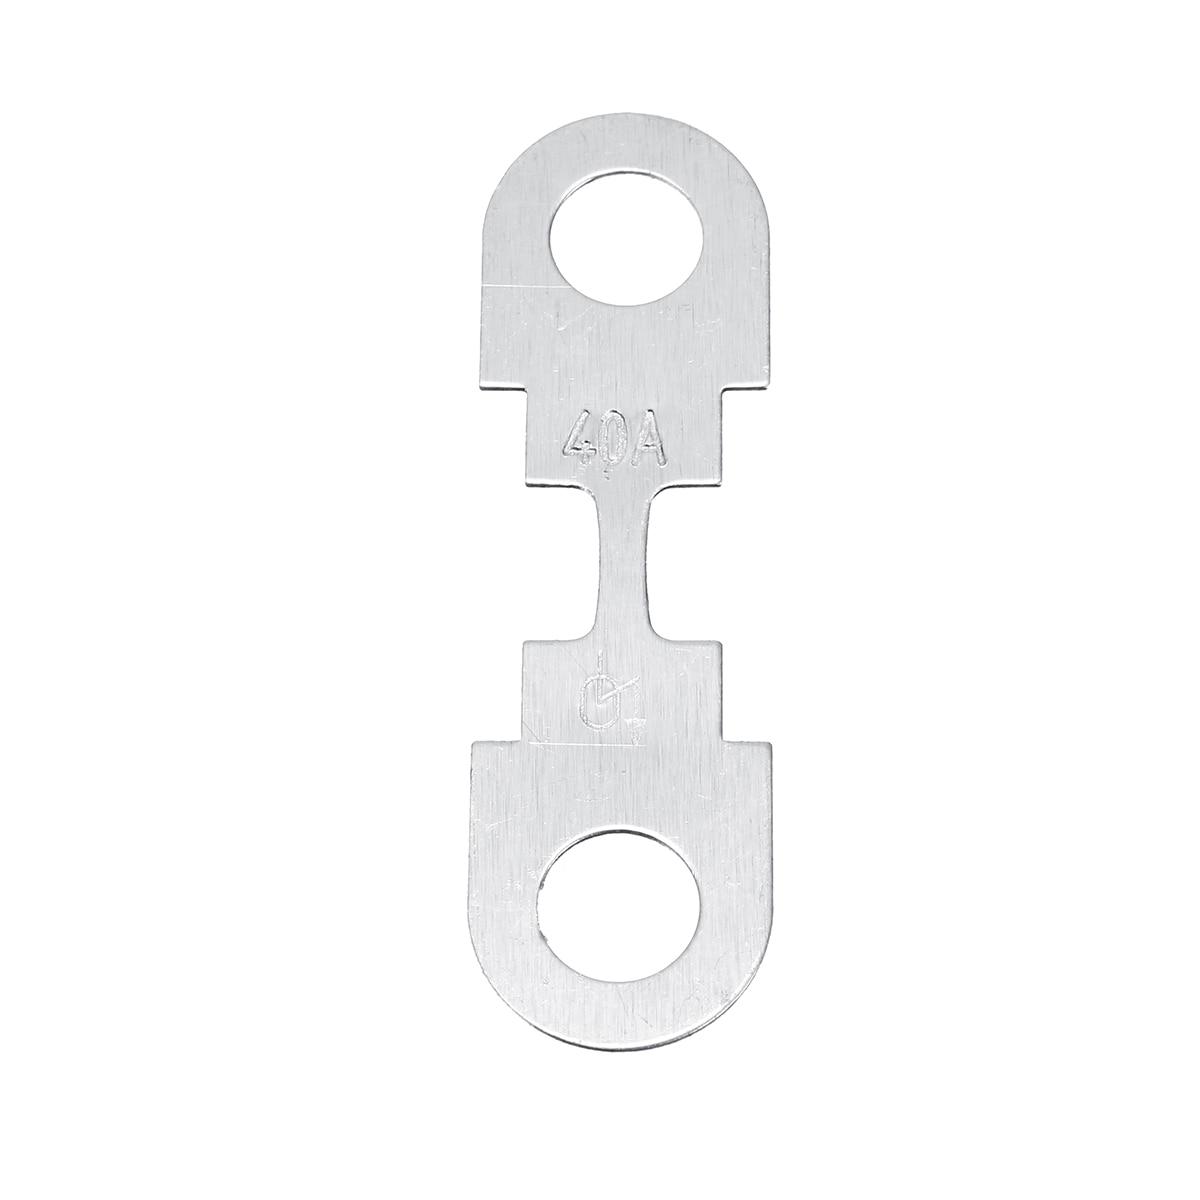 KANGIRU para el Coche Metal Silver Tone Fusibles universales Flat Fuse Strip DC 12V 40A 4Pcs